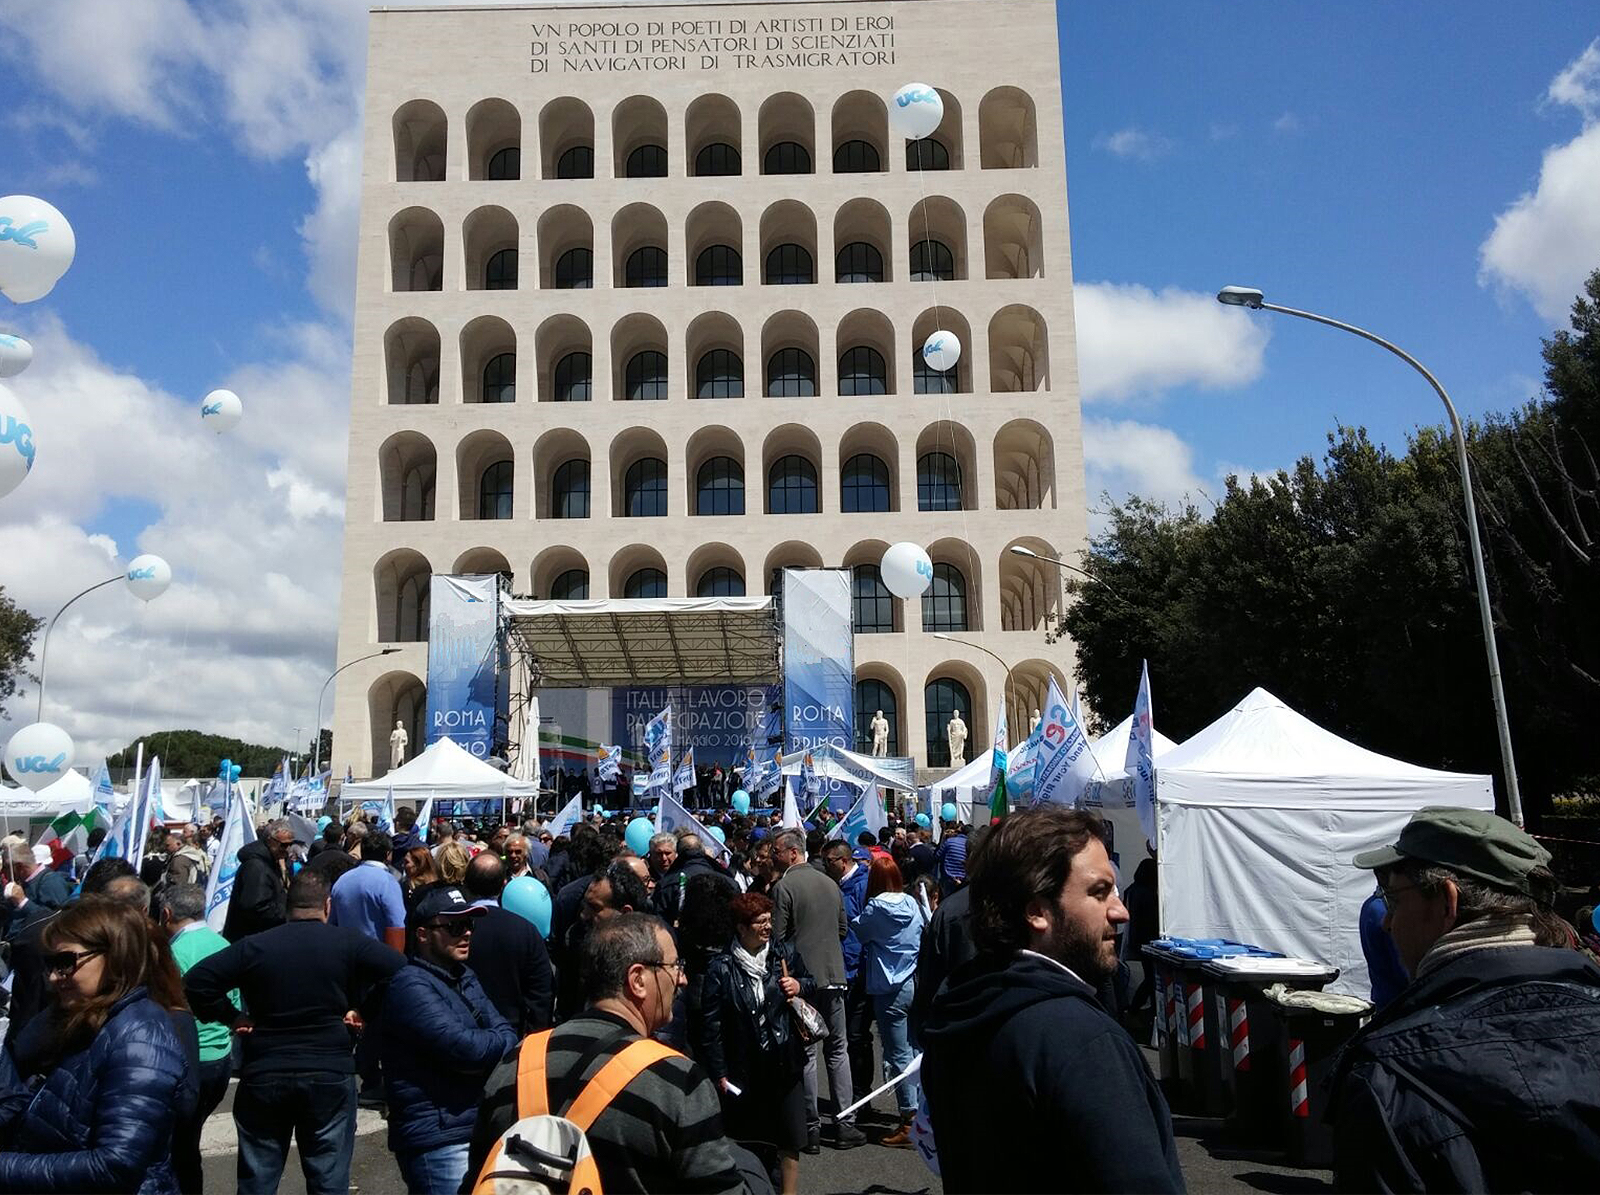 Noleggio-gazebo-per-manifestazioni